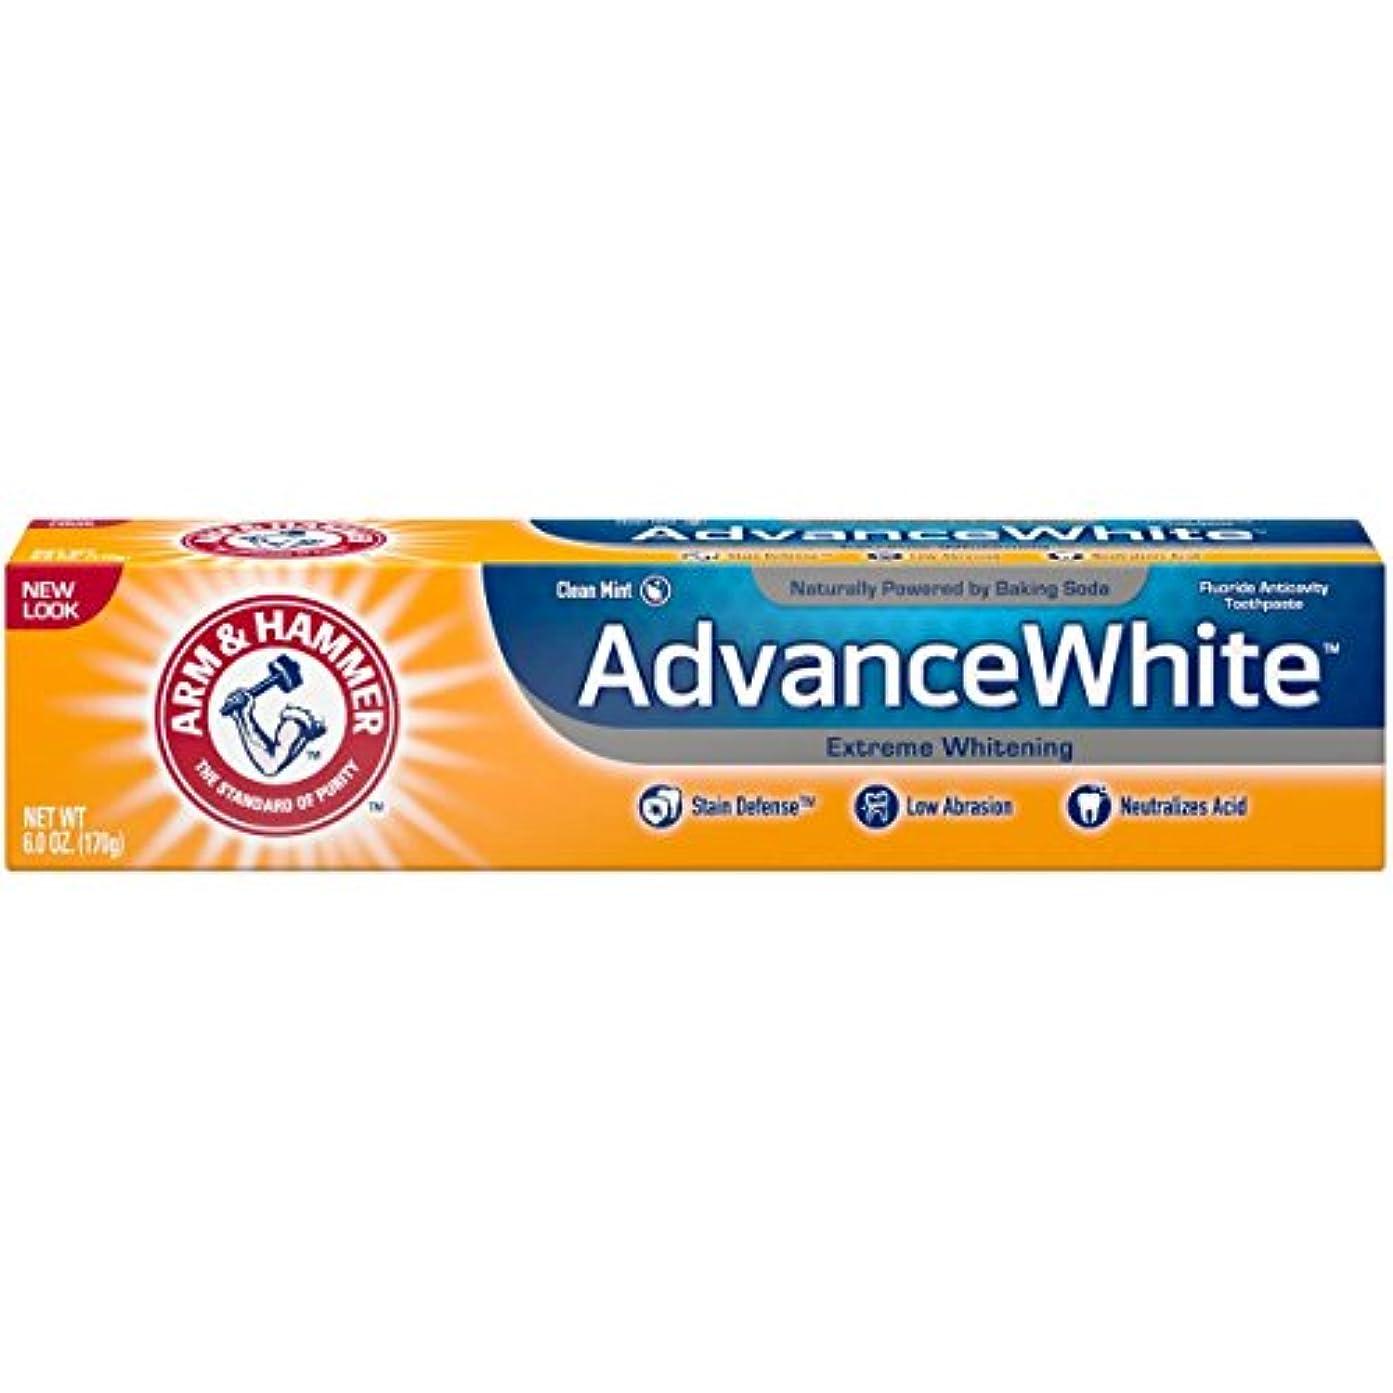 蓄積する比べるご注意Arm & Hammer アドバンスホワイトエクストリームホワイトニングで染色防衛の歯磨き粉、6オズ(3パック) 3パック